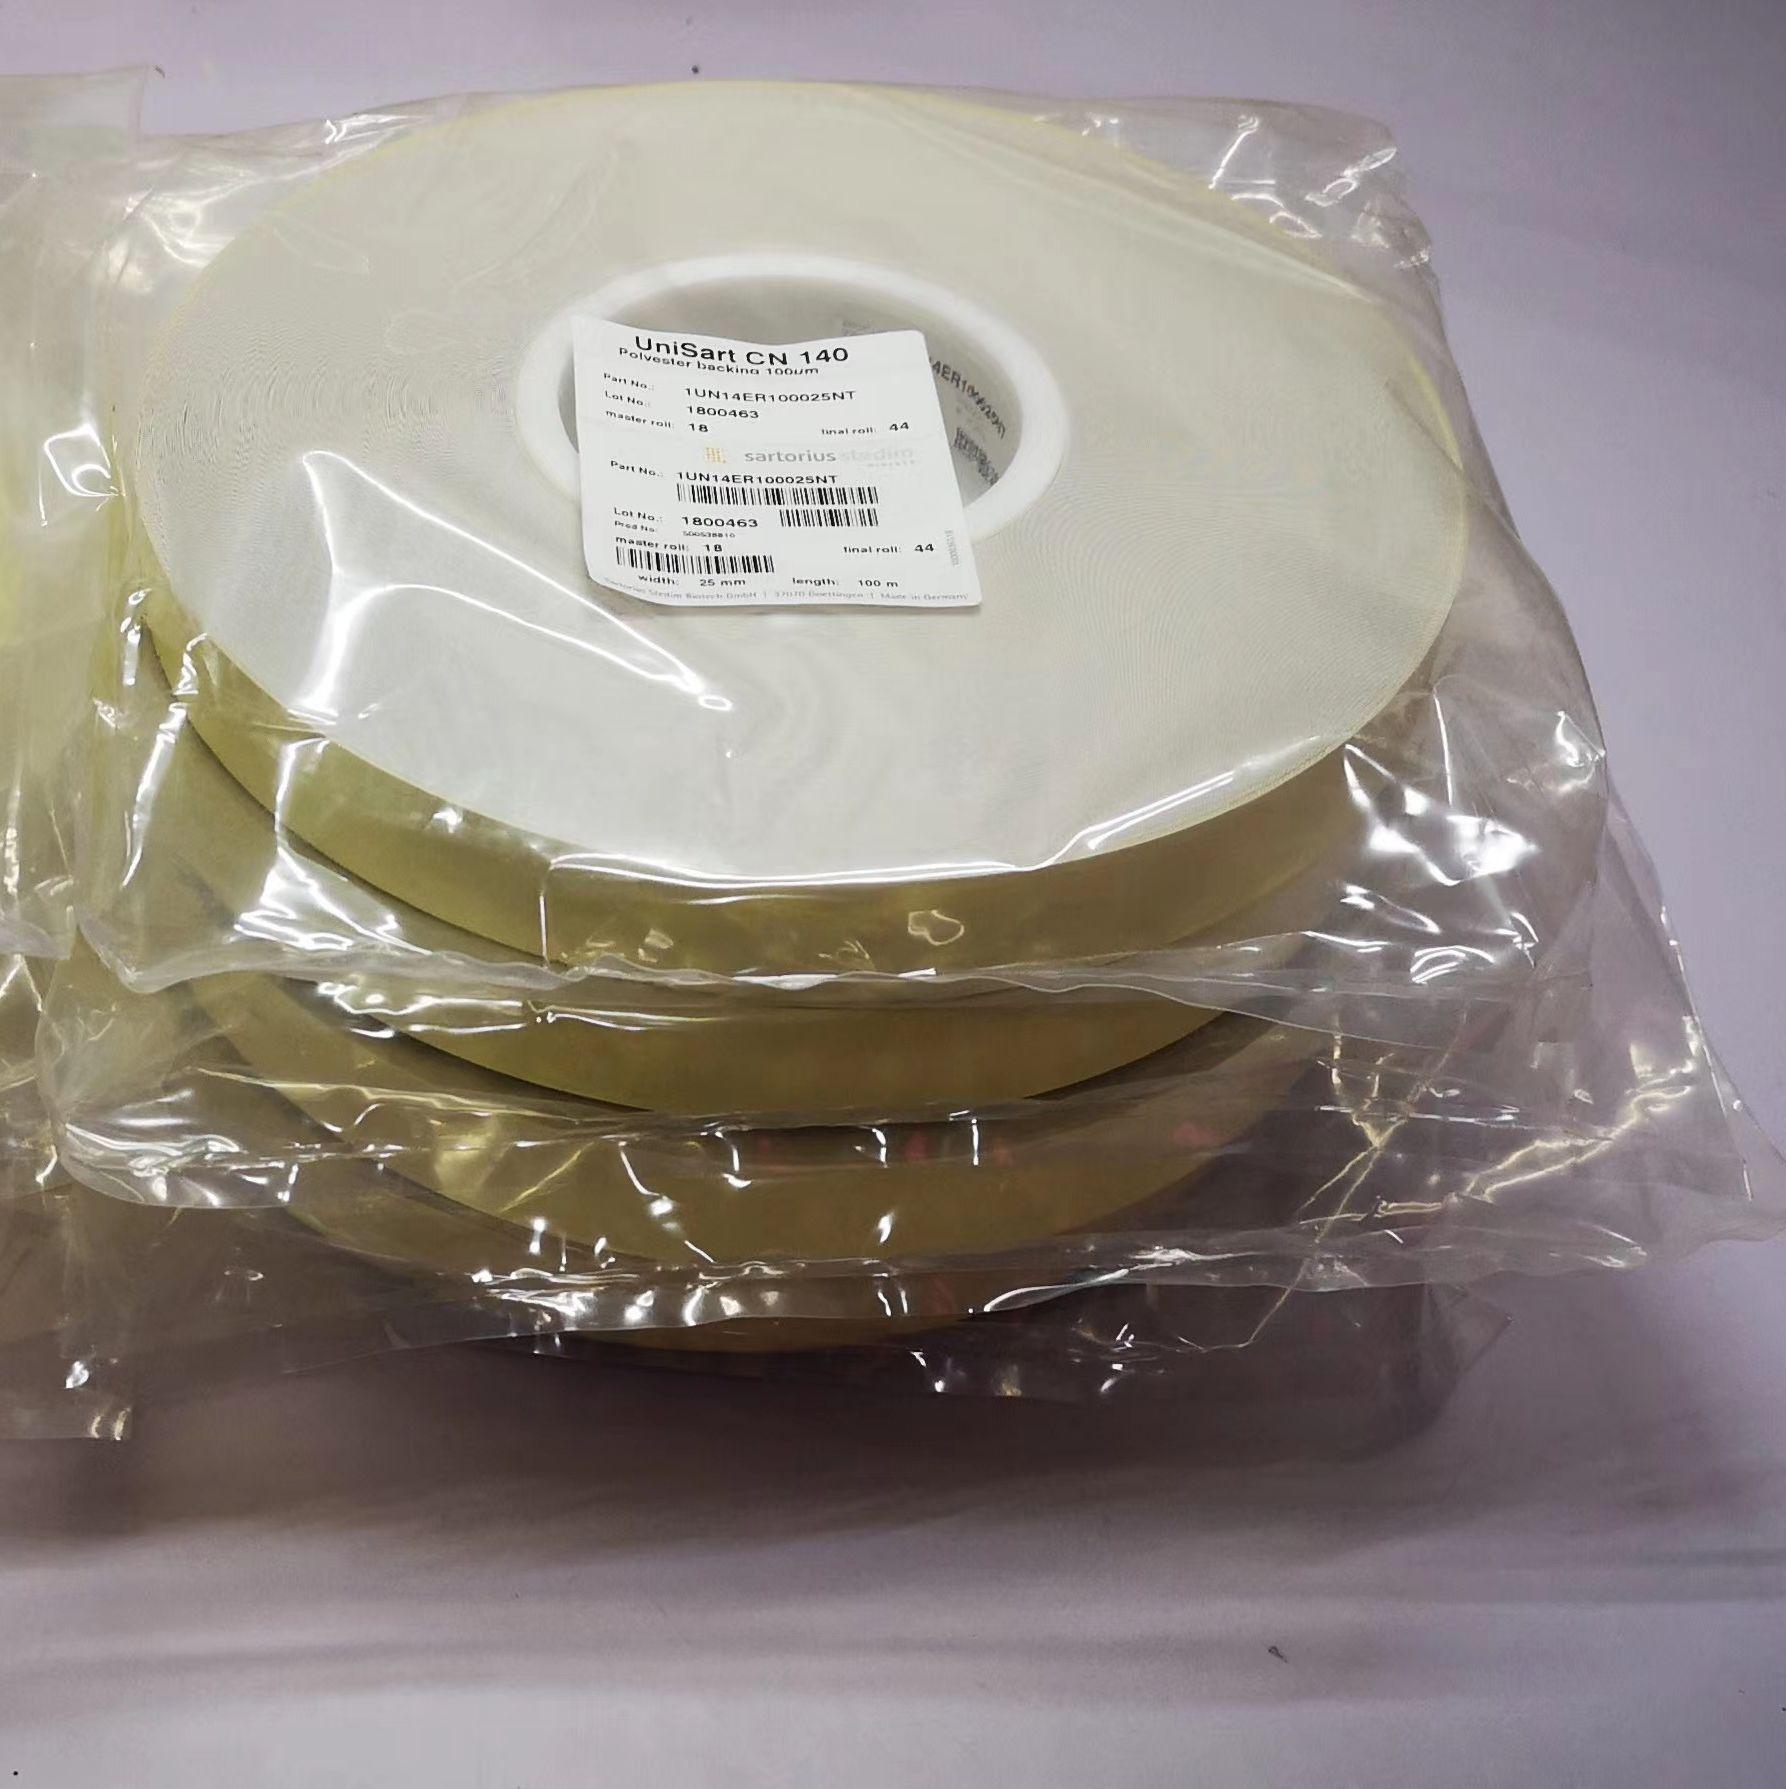 进口硝酸纤维素膜 CN140膜带背衬 德国赛多利斯CN140价格 赛多利斯cn140 sartorius CN 140